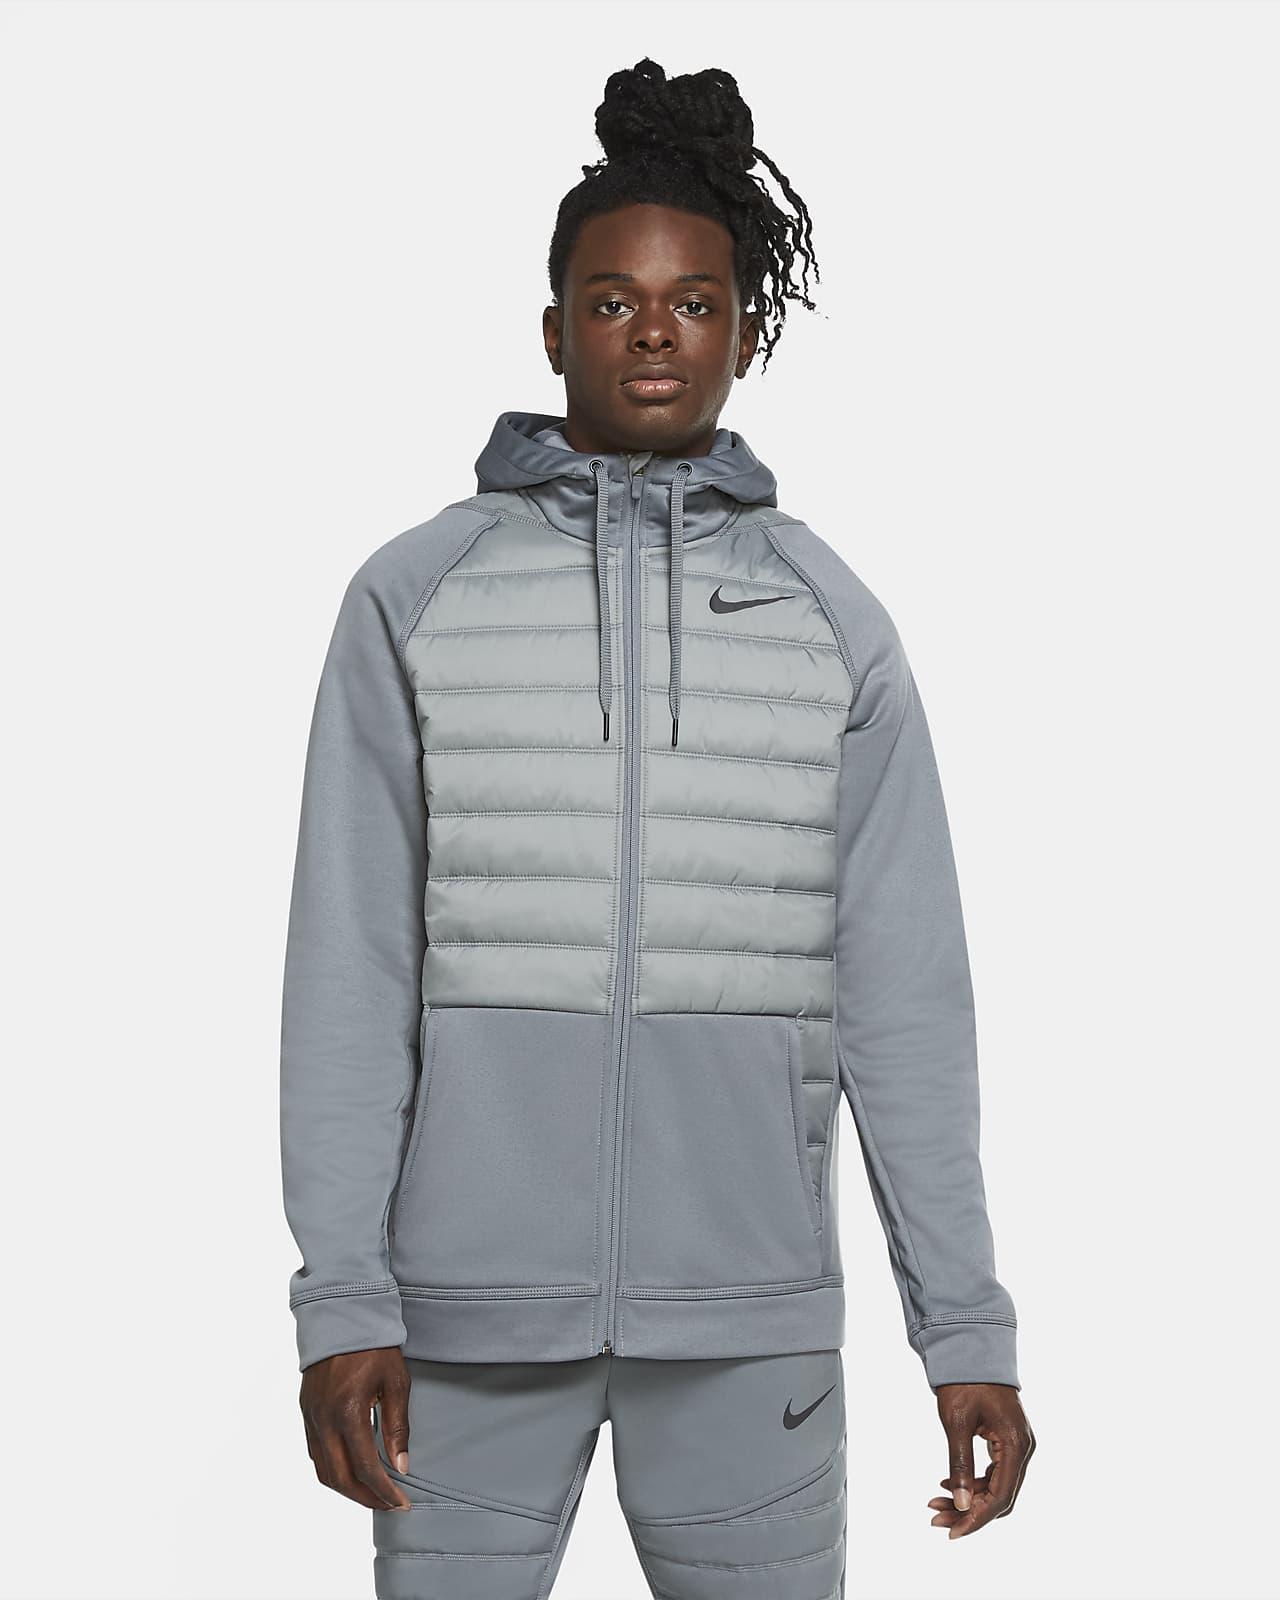 Męska kurtka treningowa z zamkiem na całej długości Nike Therma